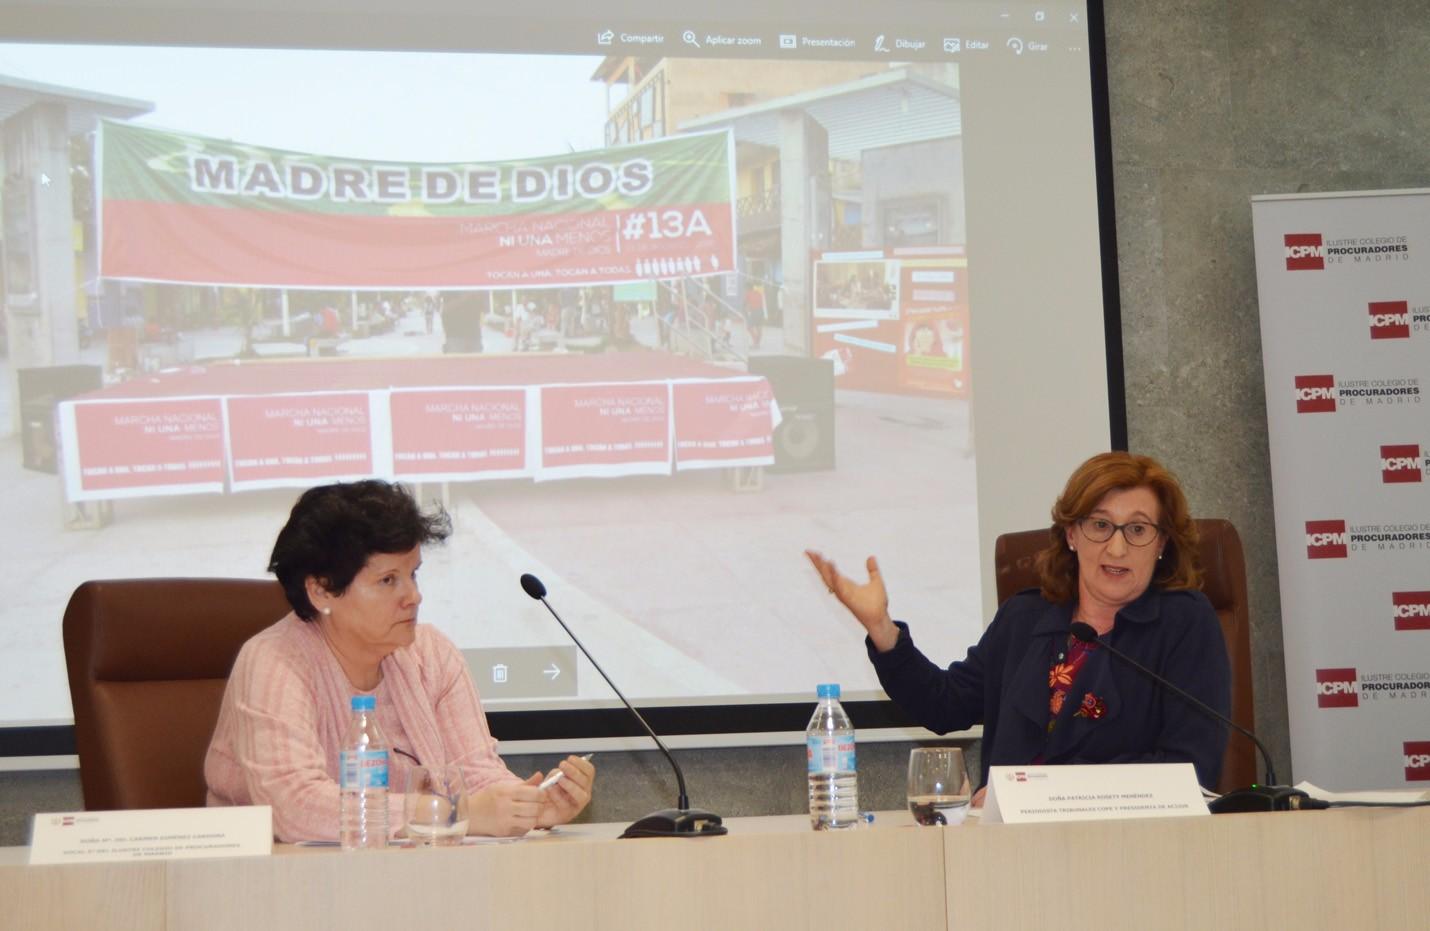 Intervemción de Patricia Rosety, Presidenta ACIJUR, en el Ilustre Colegio Procuradores de Madrid